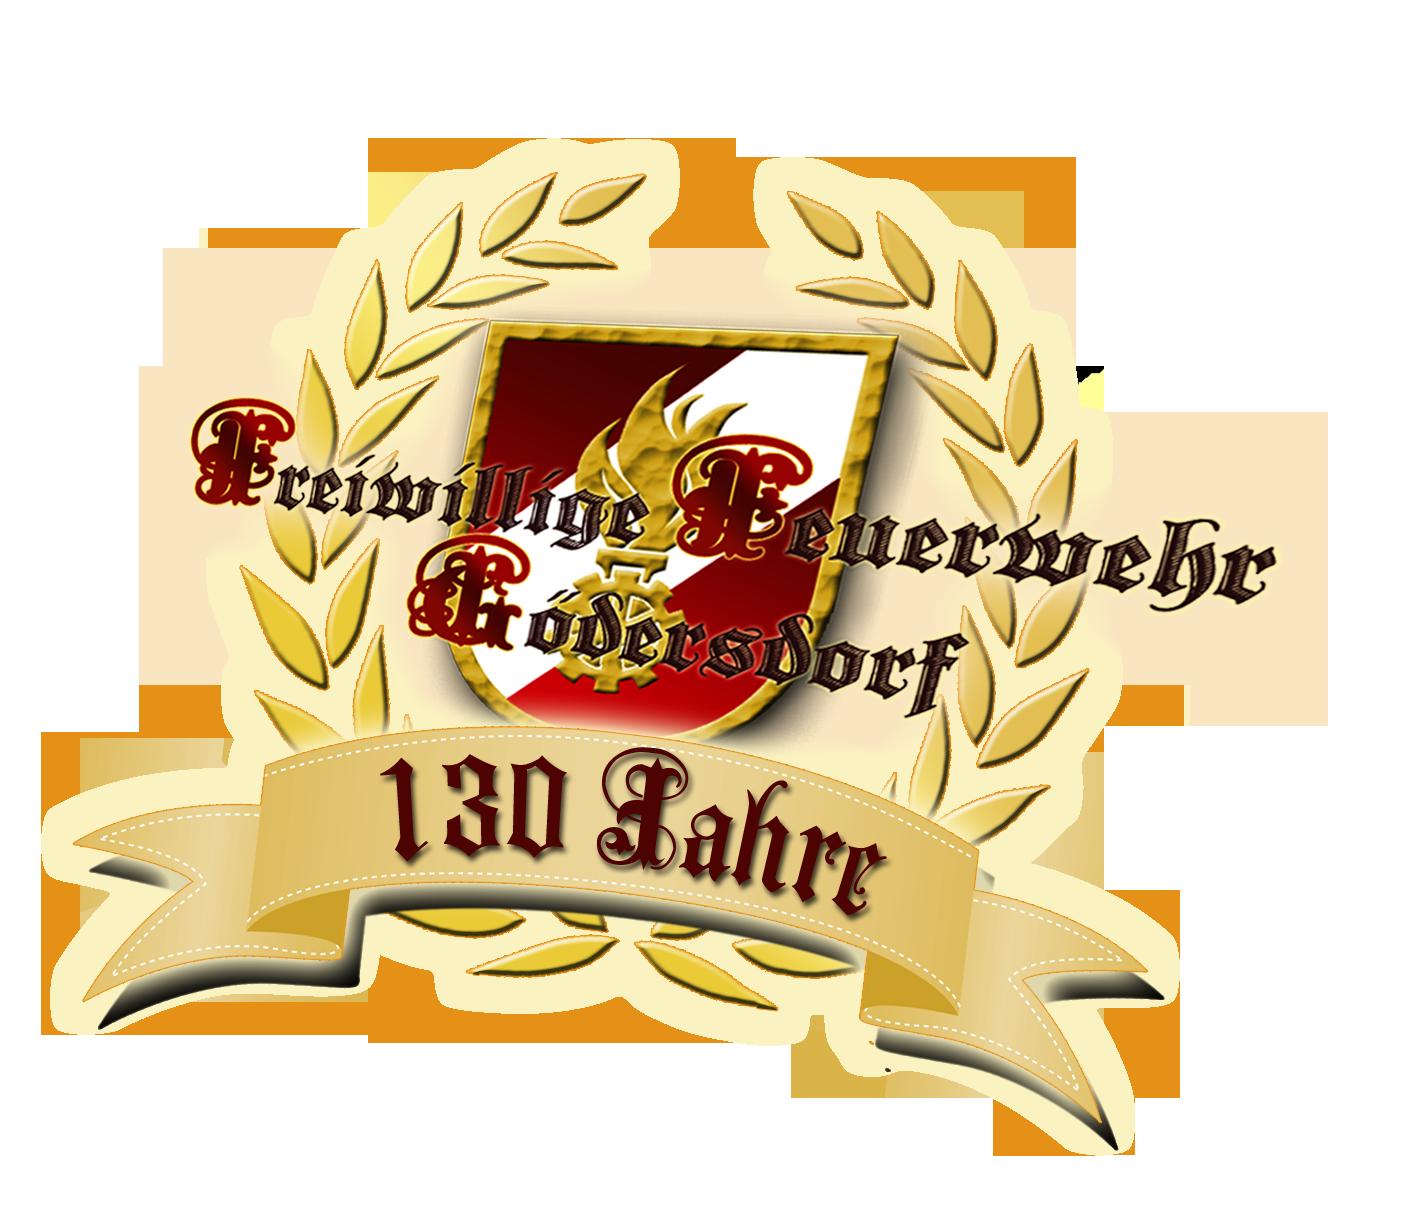 130 Jahre Freiwillige Feuerwehr Gödersdorf